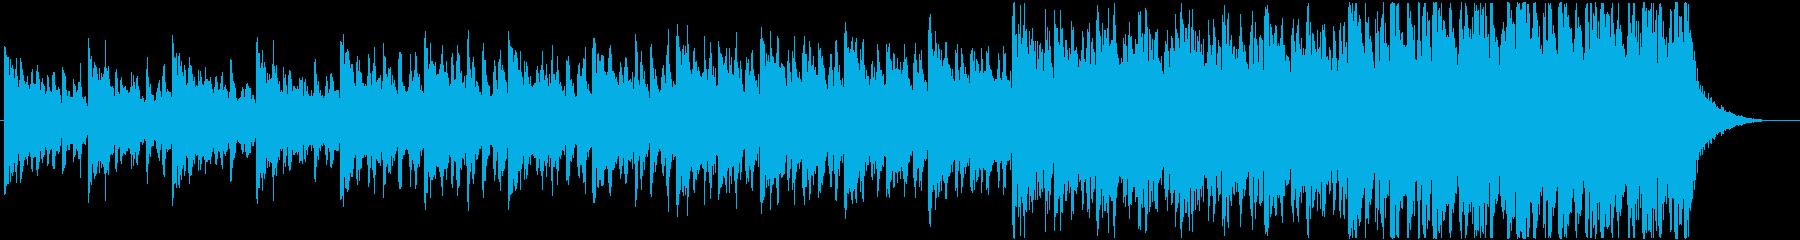 緊迫感のあるシネマティック曲 5-1の再生済みの波形